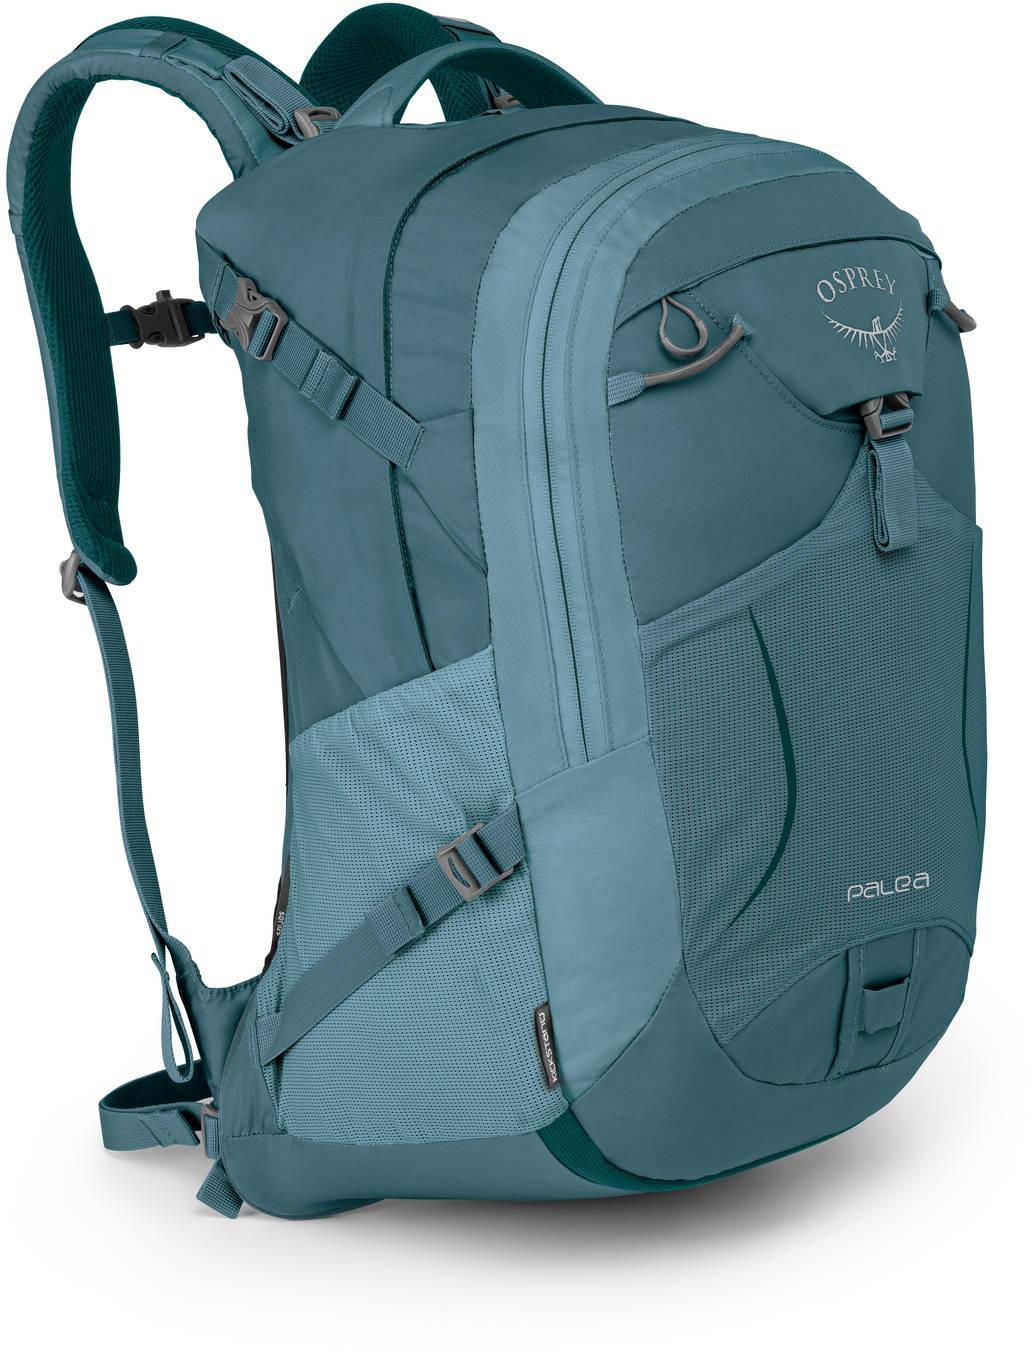 Городские рюкзаки Рюкзак женский Osprey Palea 26 Liquid Blue Palea_F17_Side_Liquid_Blue_web.jpg